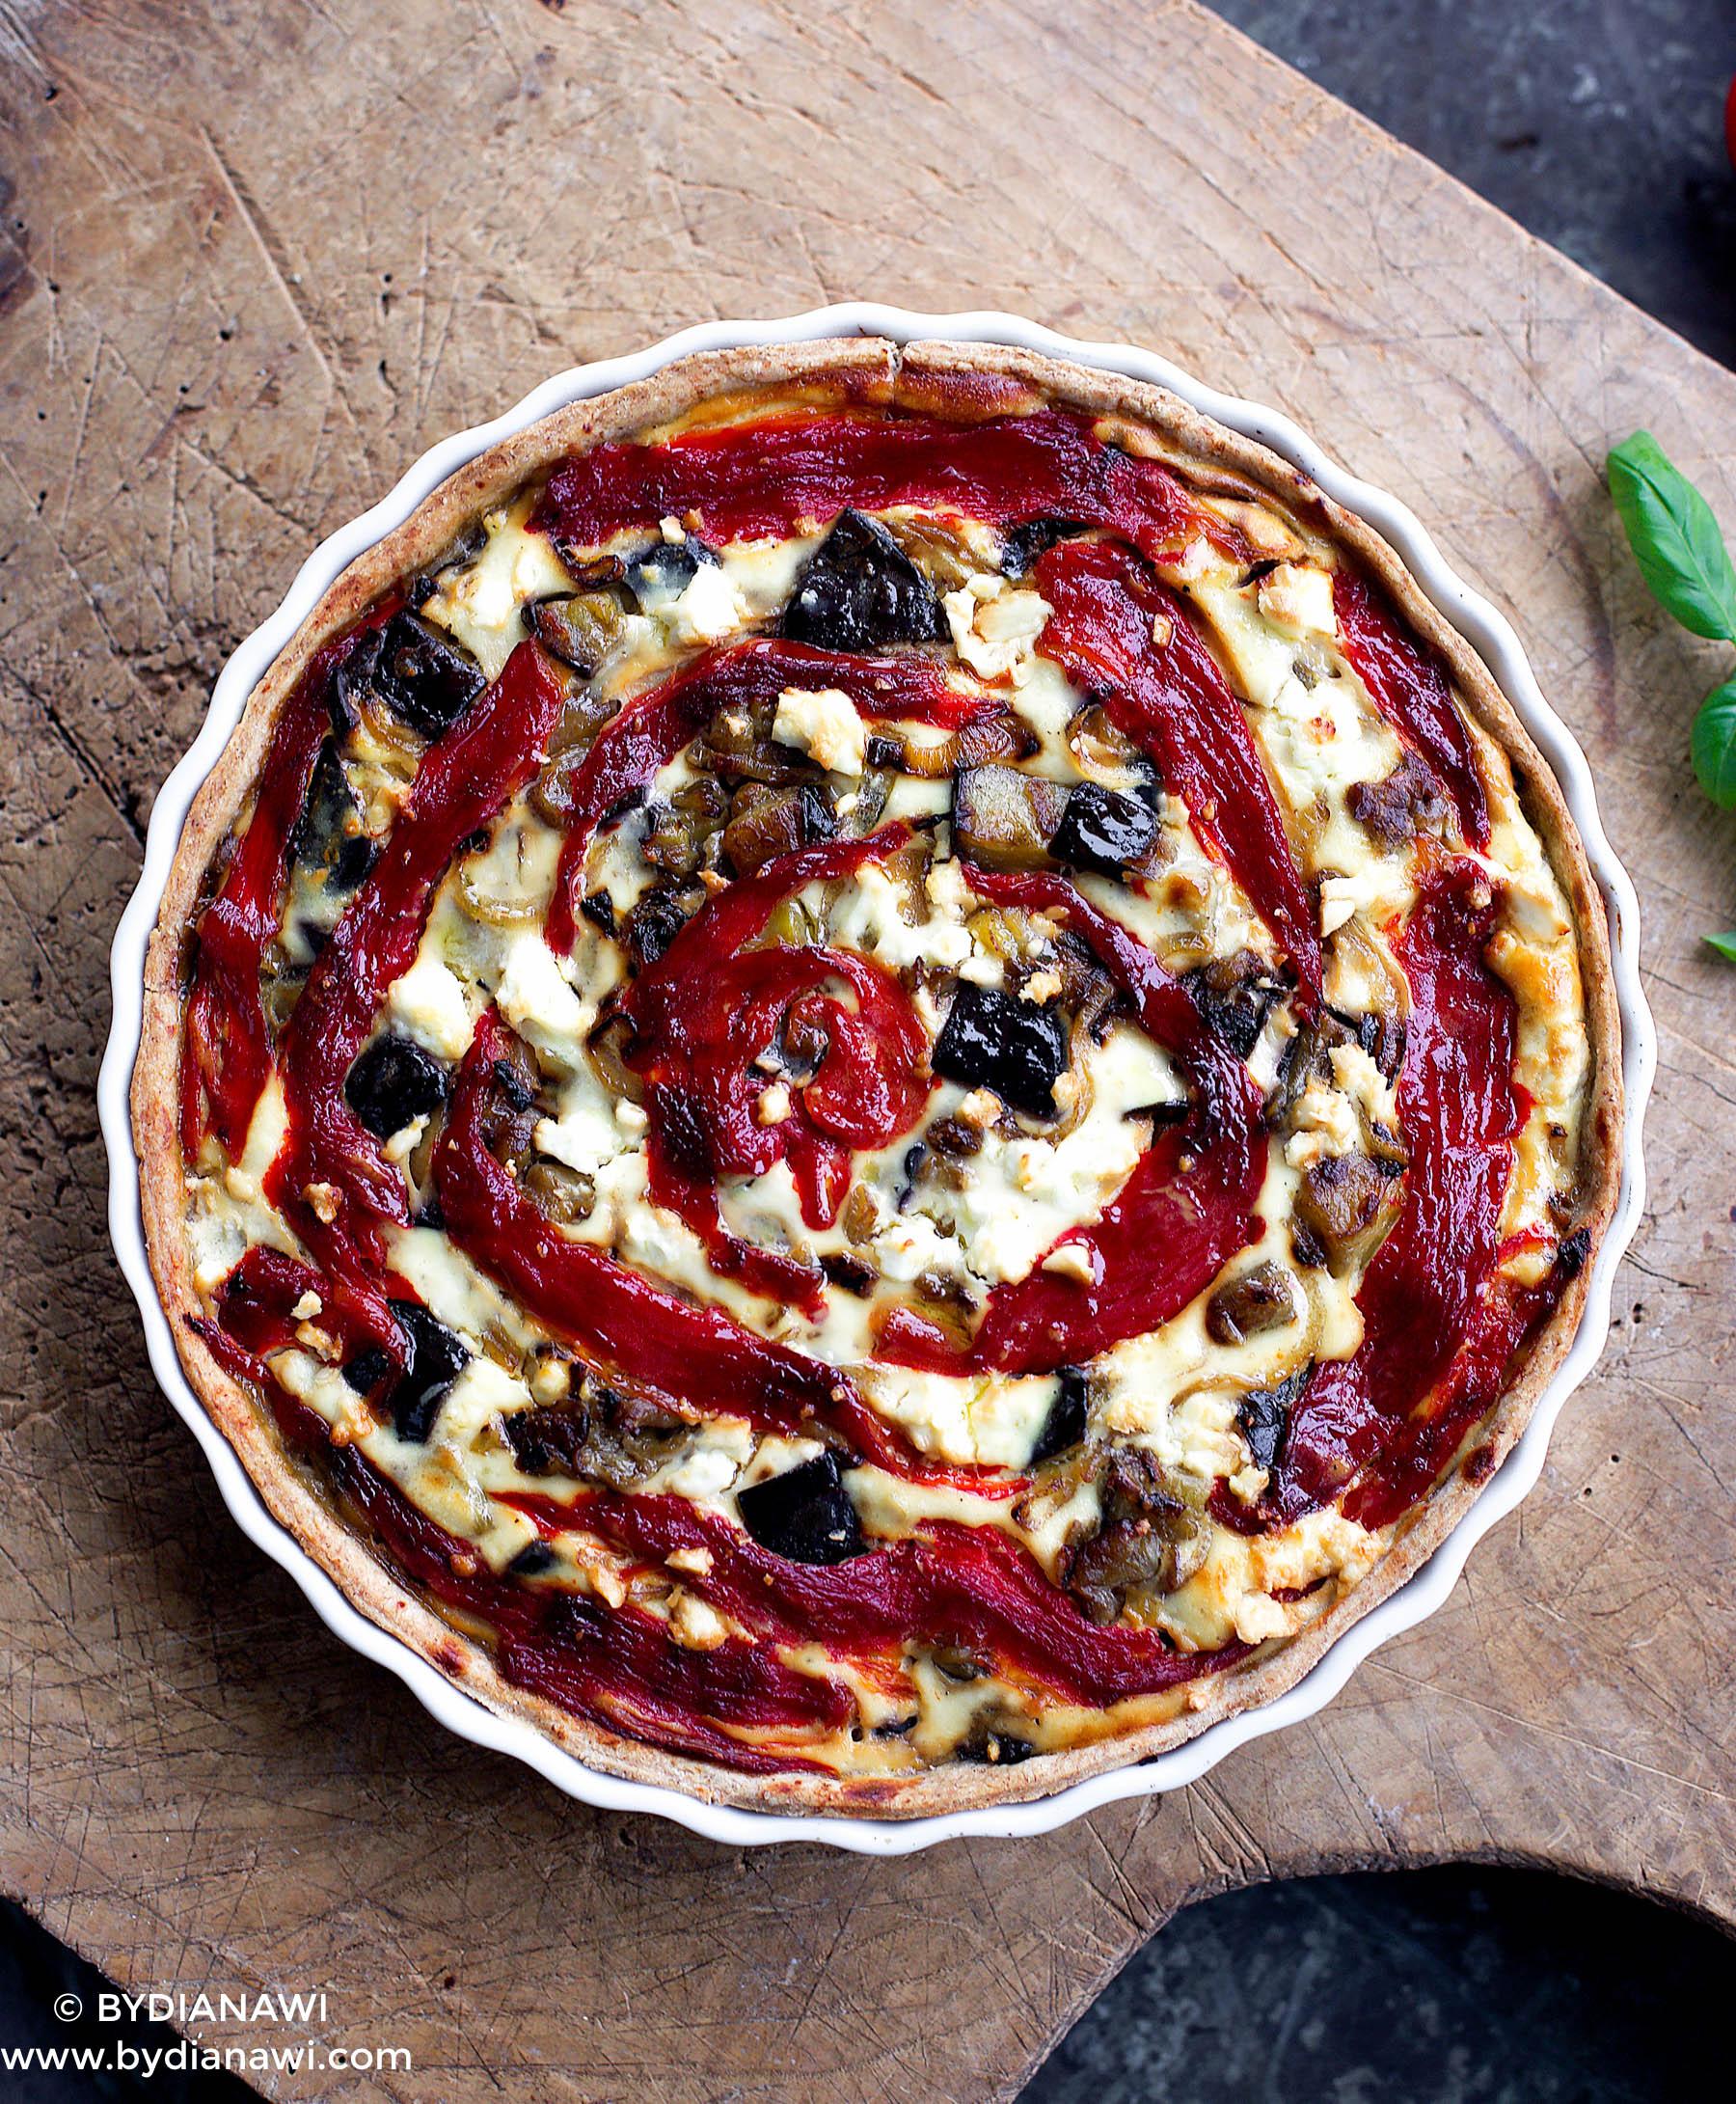 auberginetærte med ricotta, grillet peberfrugt og hvidløg, sund tærte, aftensmad